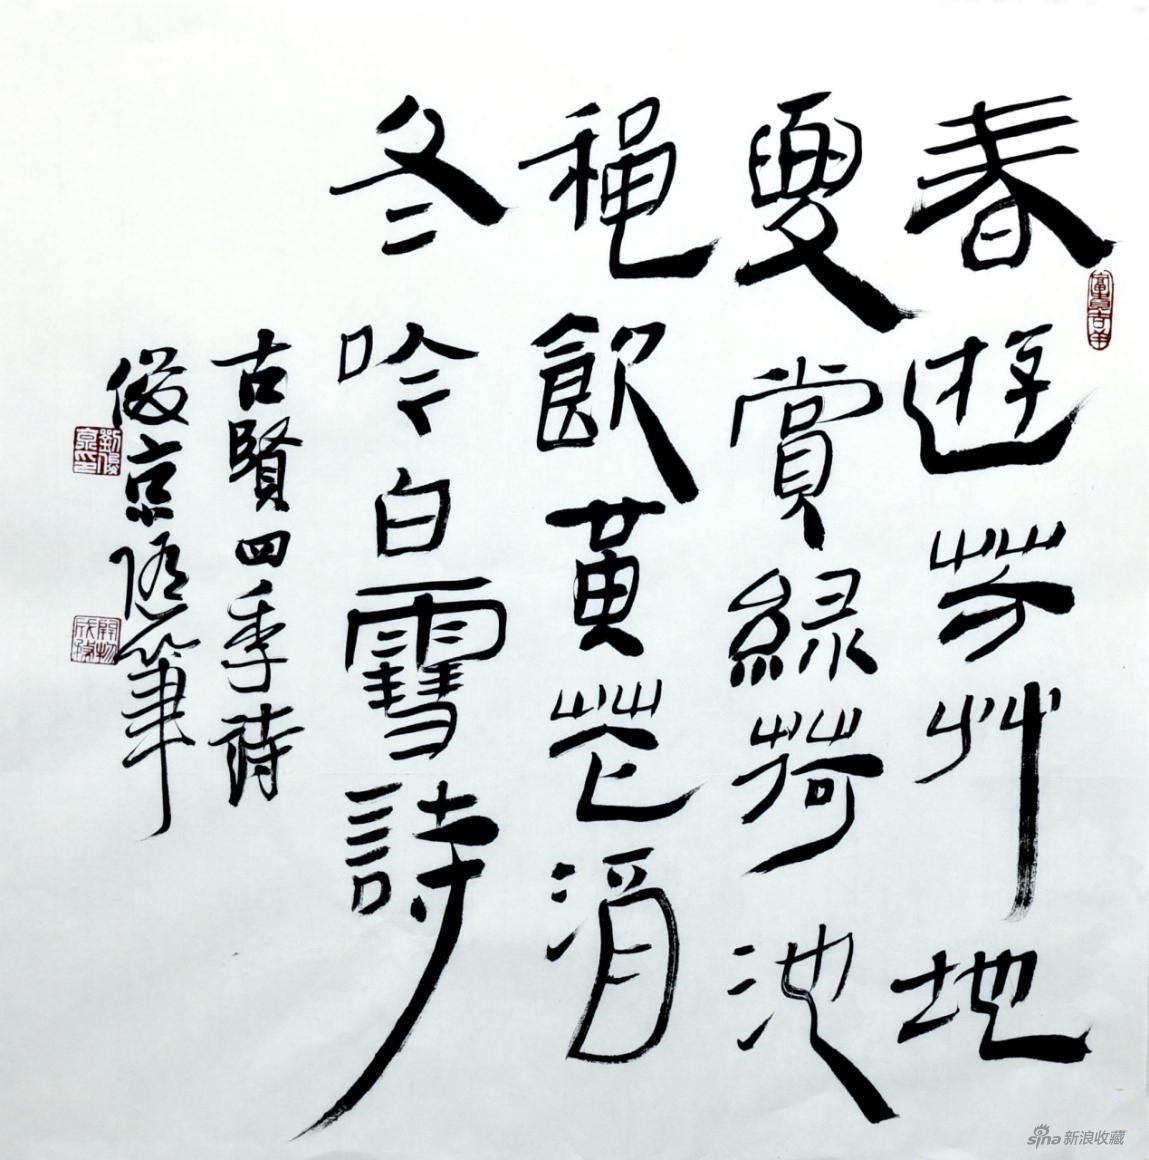 作品名称:《春游芳草地,夏赏绿荷池》作者:刘俊京 尺寸:68cm×68cm